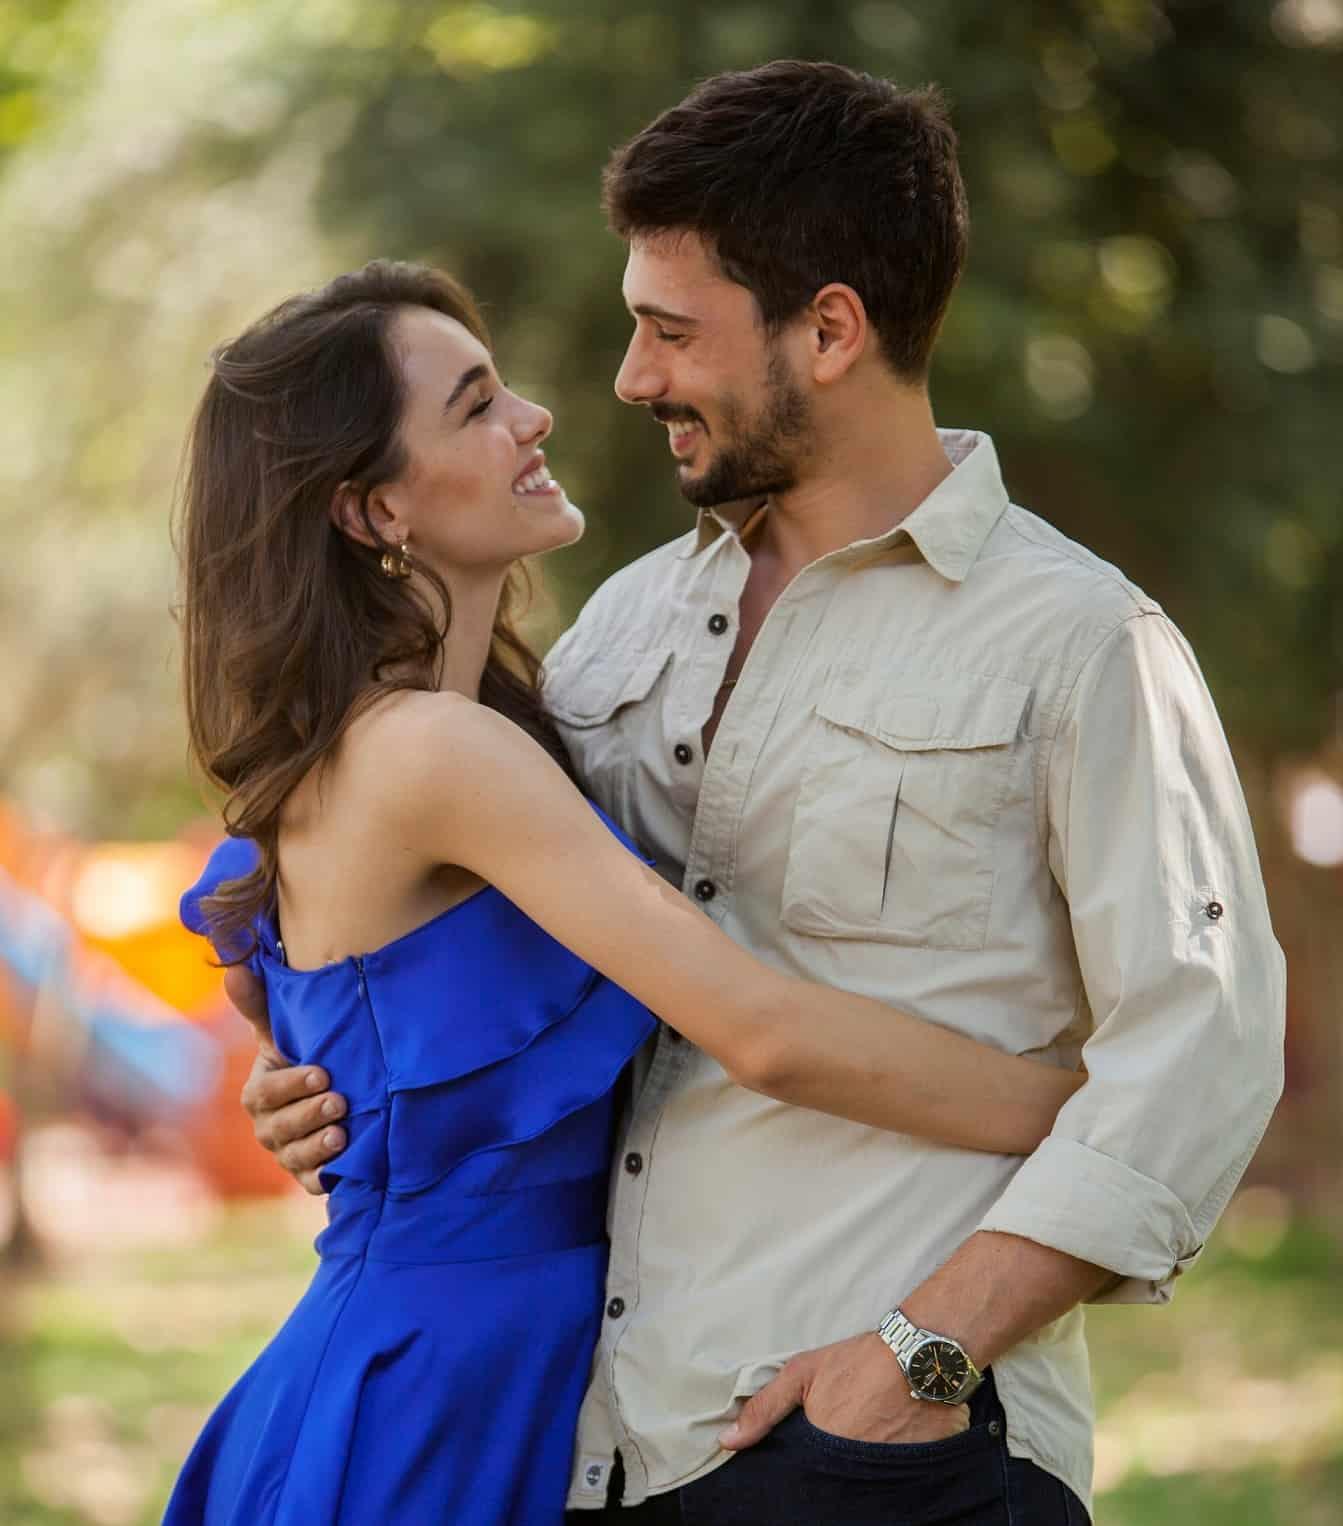 Aşk Ağlatır dizisinden ilk görüntüler geldi